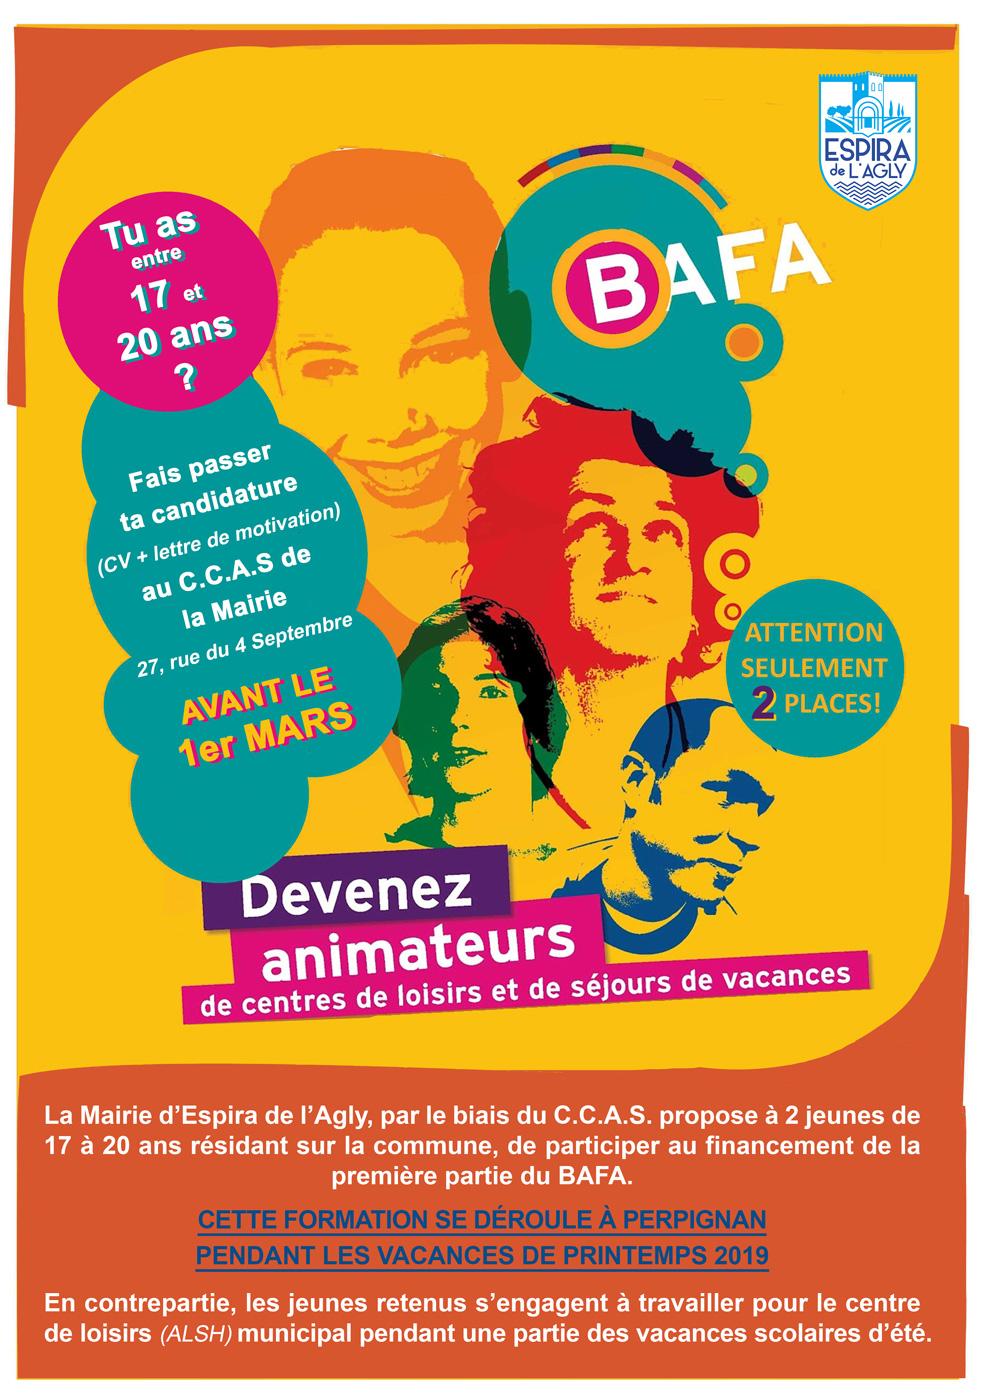 Site Officiel De La Commune Espira De L Agly Aide Au B A F A